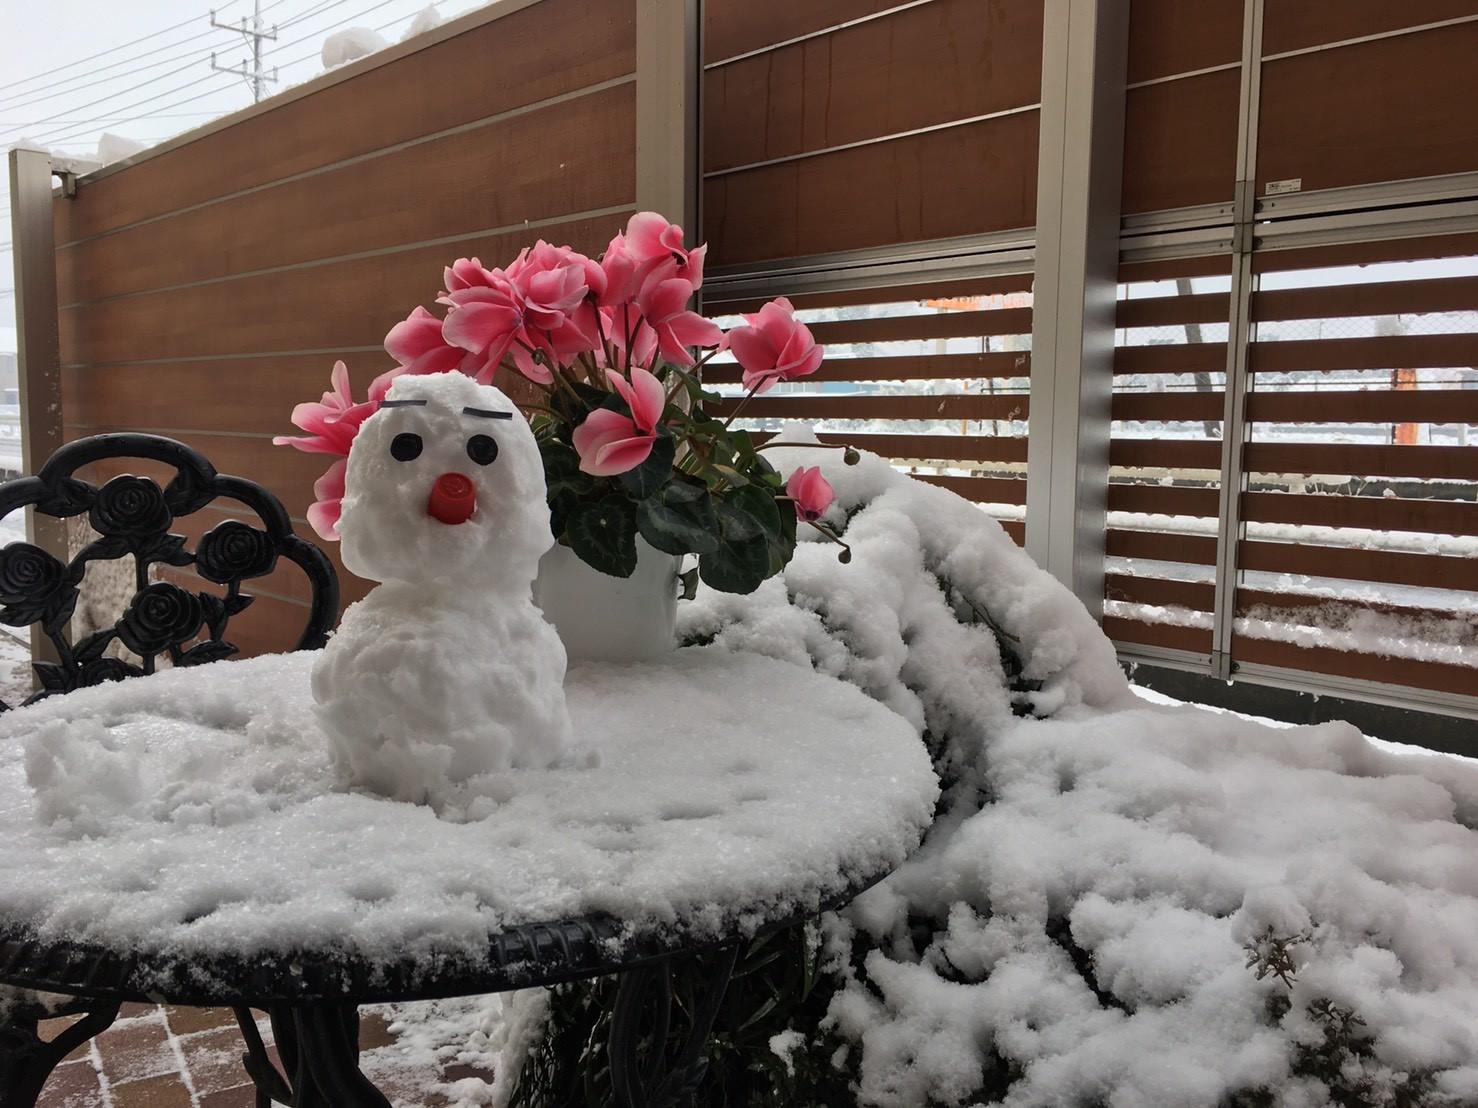 久々の関東の大雪で雪だるまを作りました